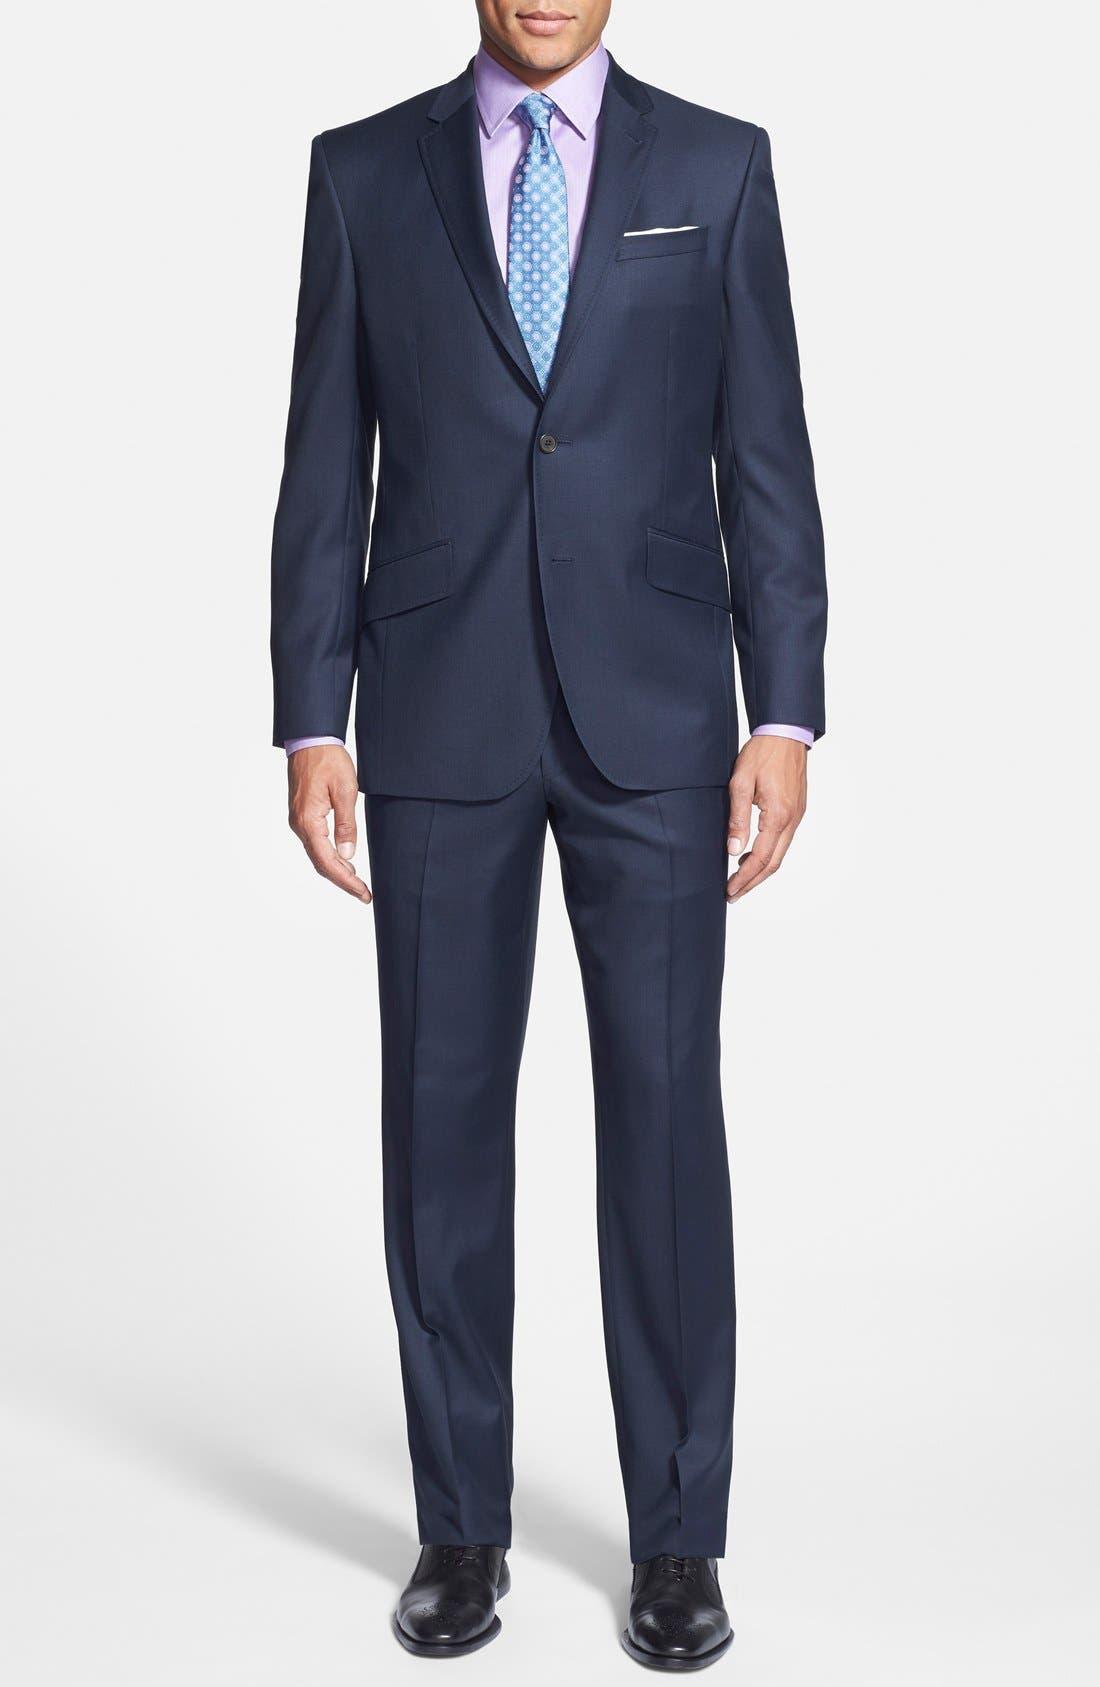 Jones Trim Fit Solid Wool Suit,                             Main thumbnail 1, color,                             Blue